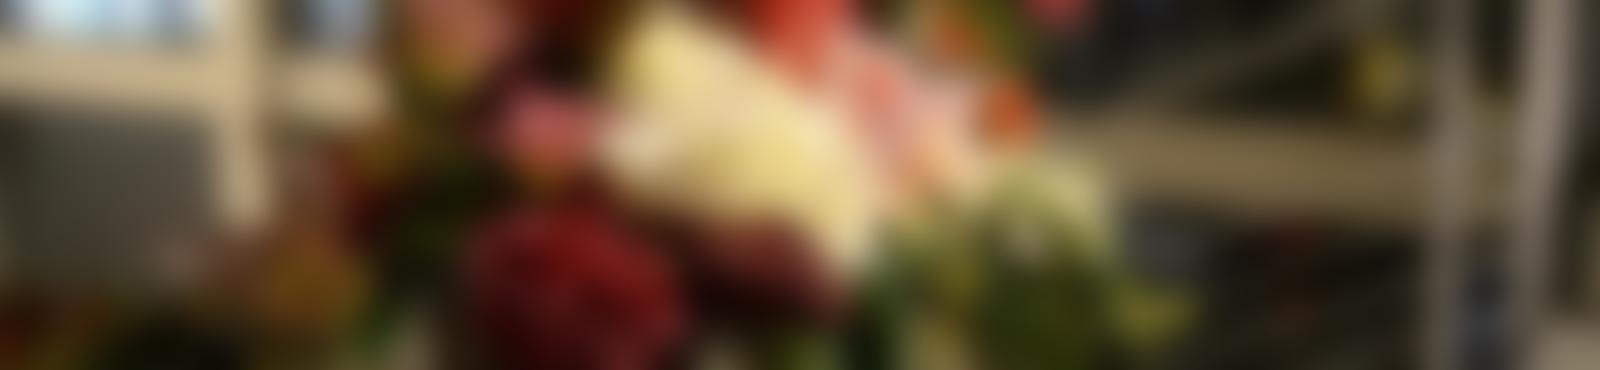 Blurred 6819e99d ade5 4551 8b3d 58d934ec2e9d